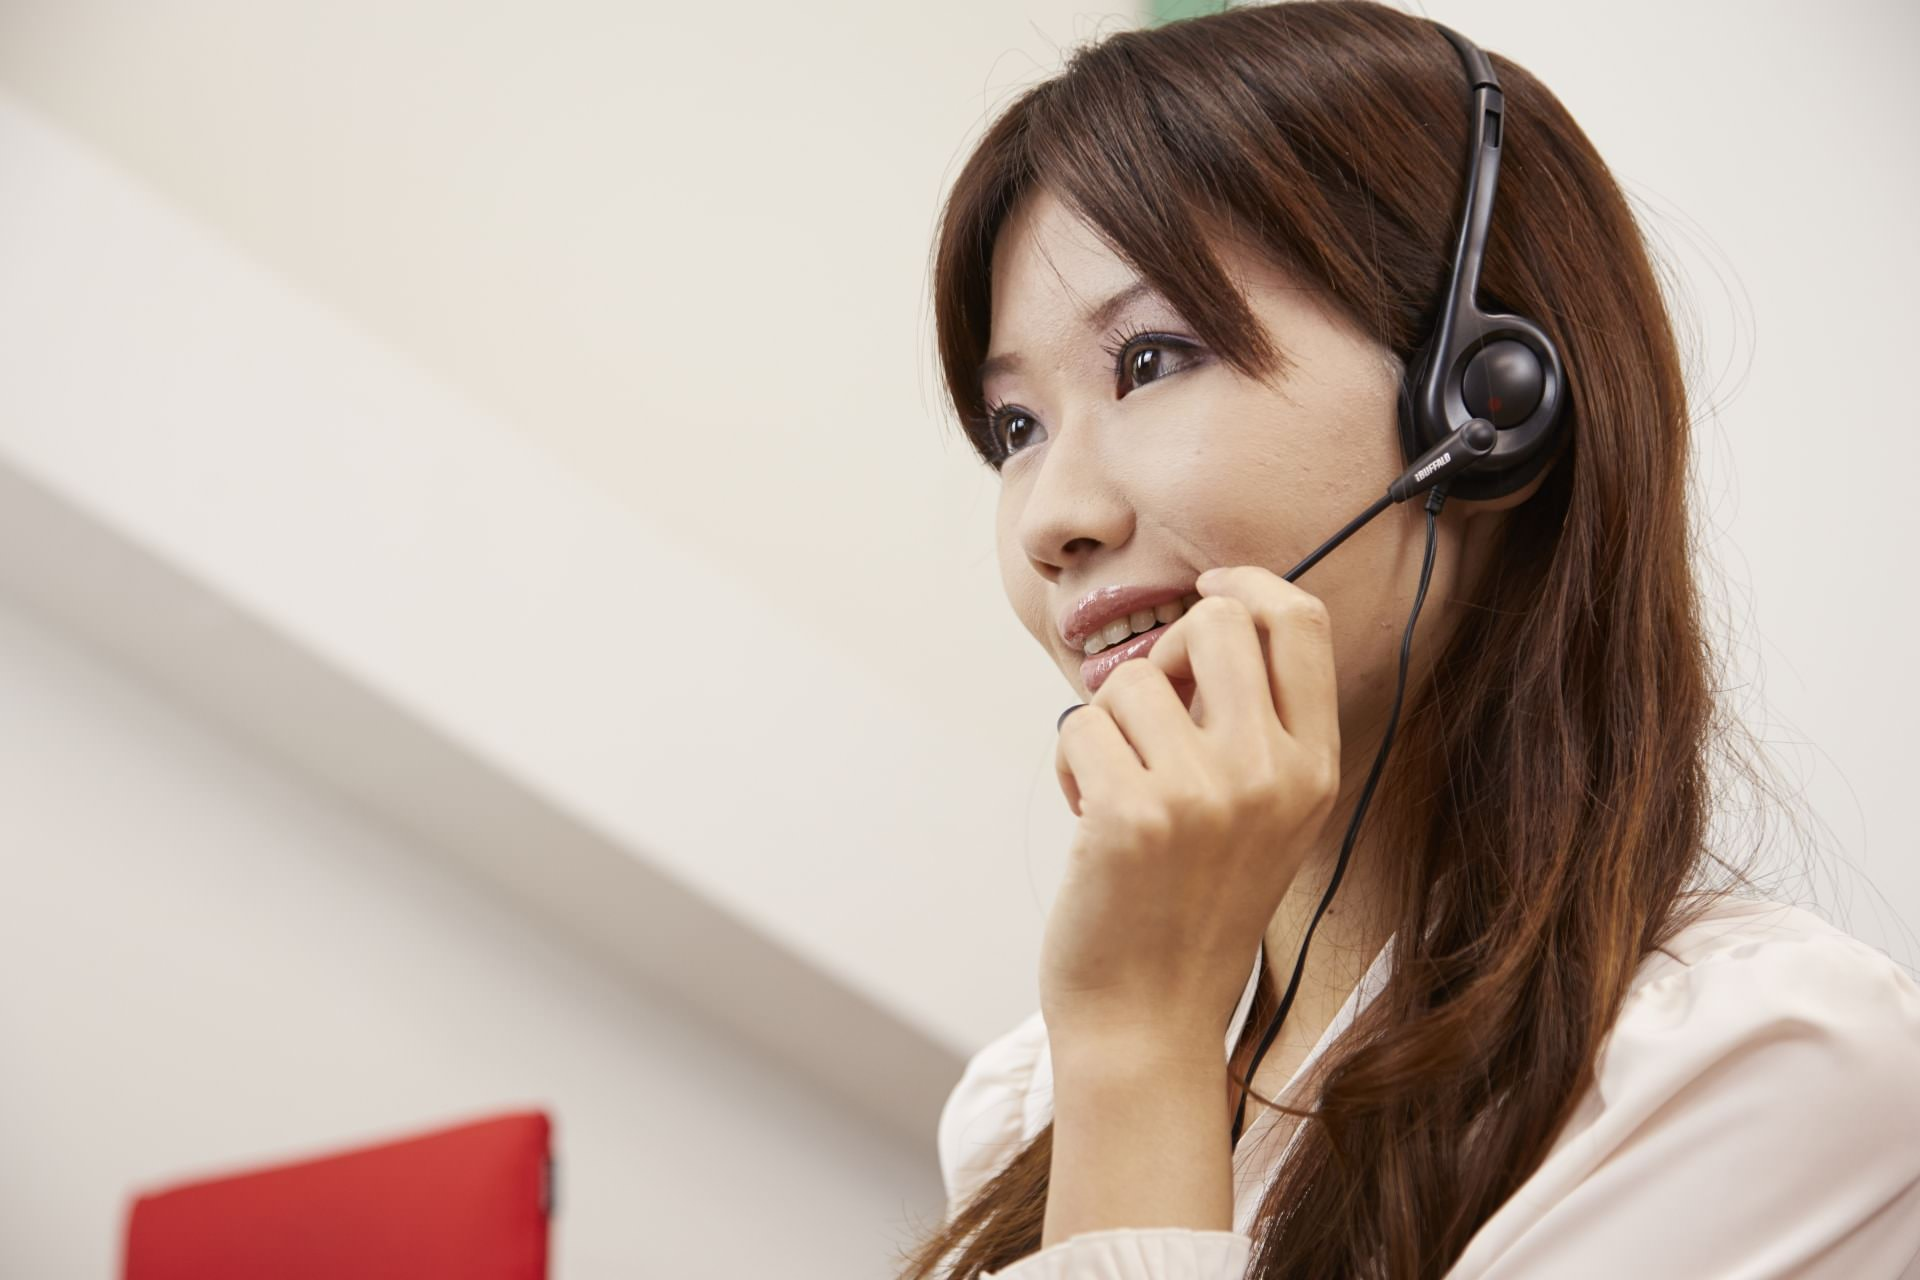 コールセンターの仕事でやりがいを感じることは?経験者に聞きました!